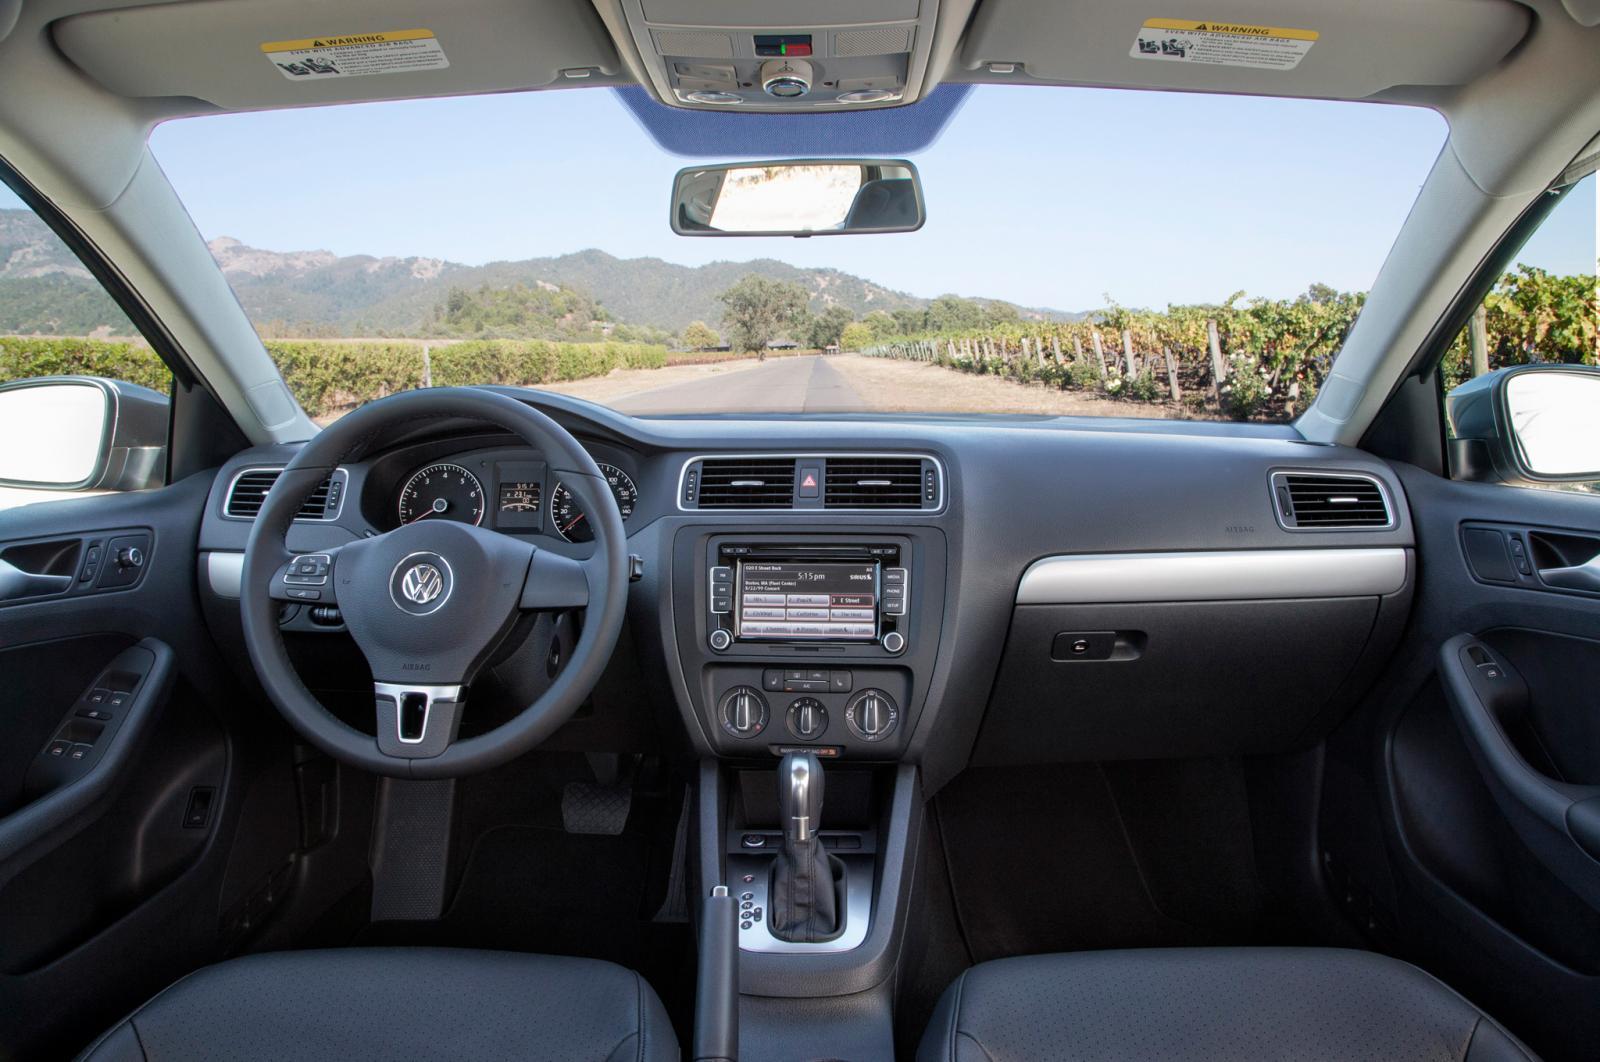 800 1024 1280 1600 Origin 2017 Volkswagen Jetta